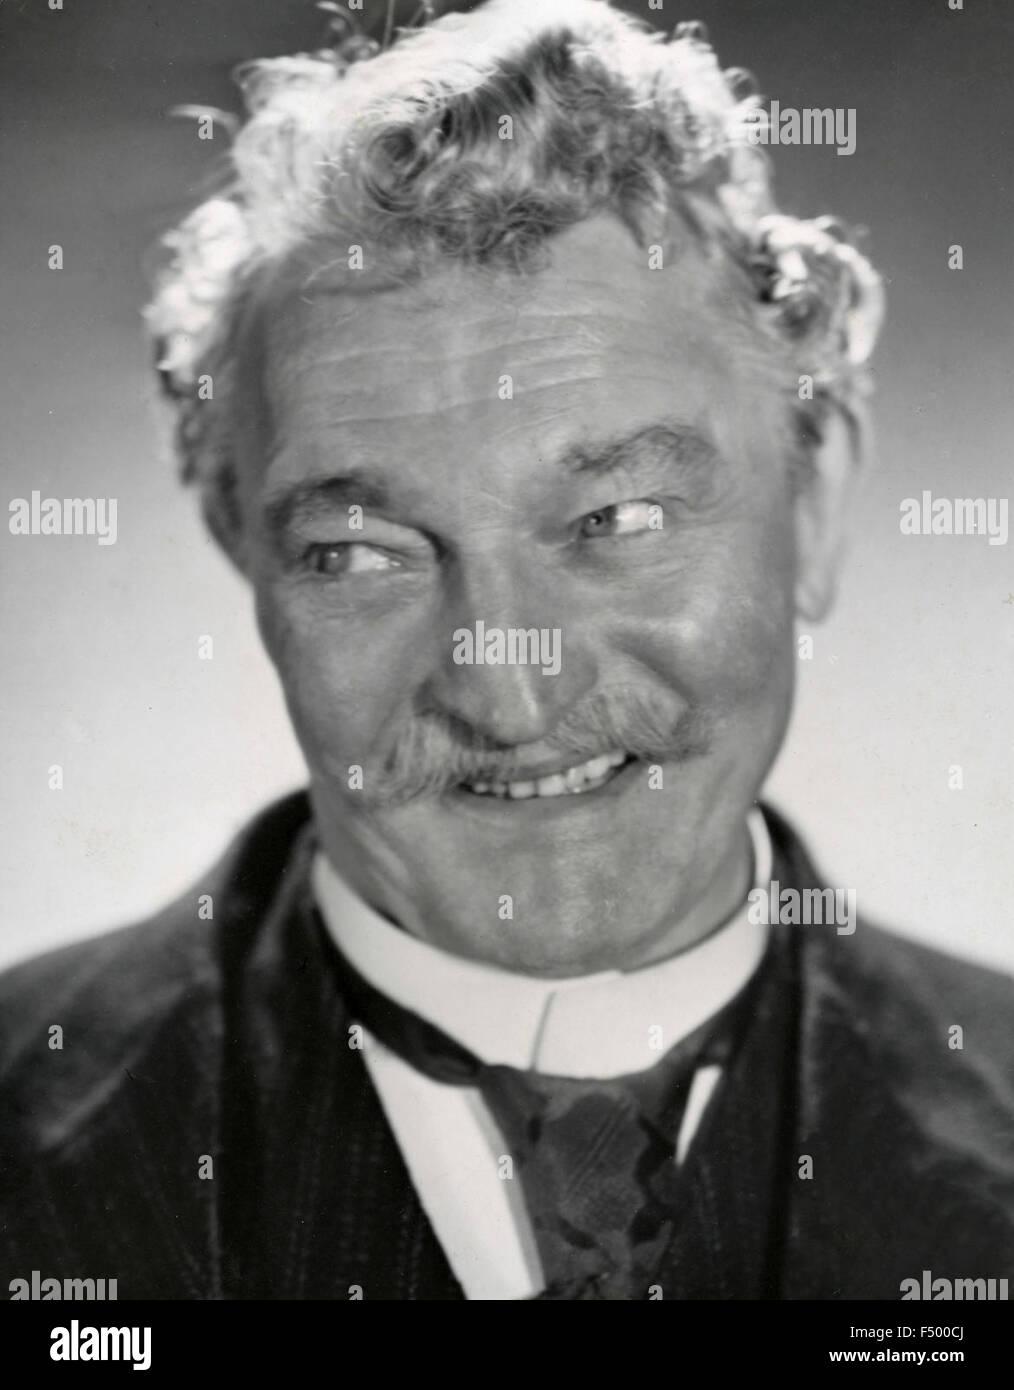 The Danish actor Ib Schønberg in the film 'lige uden En pige', Denmark - Stock Image